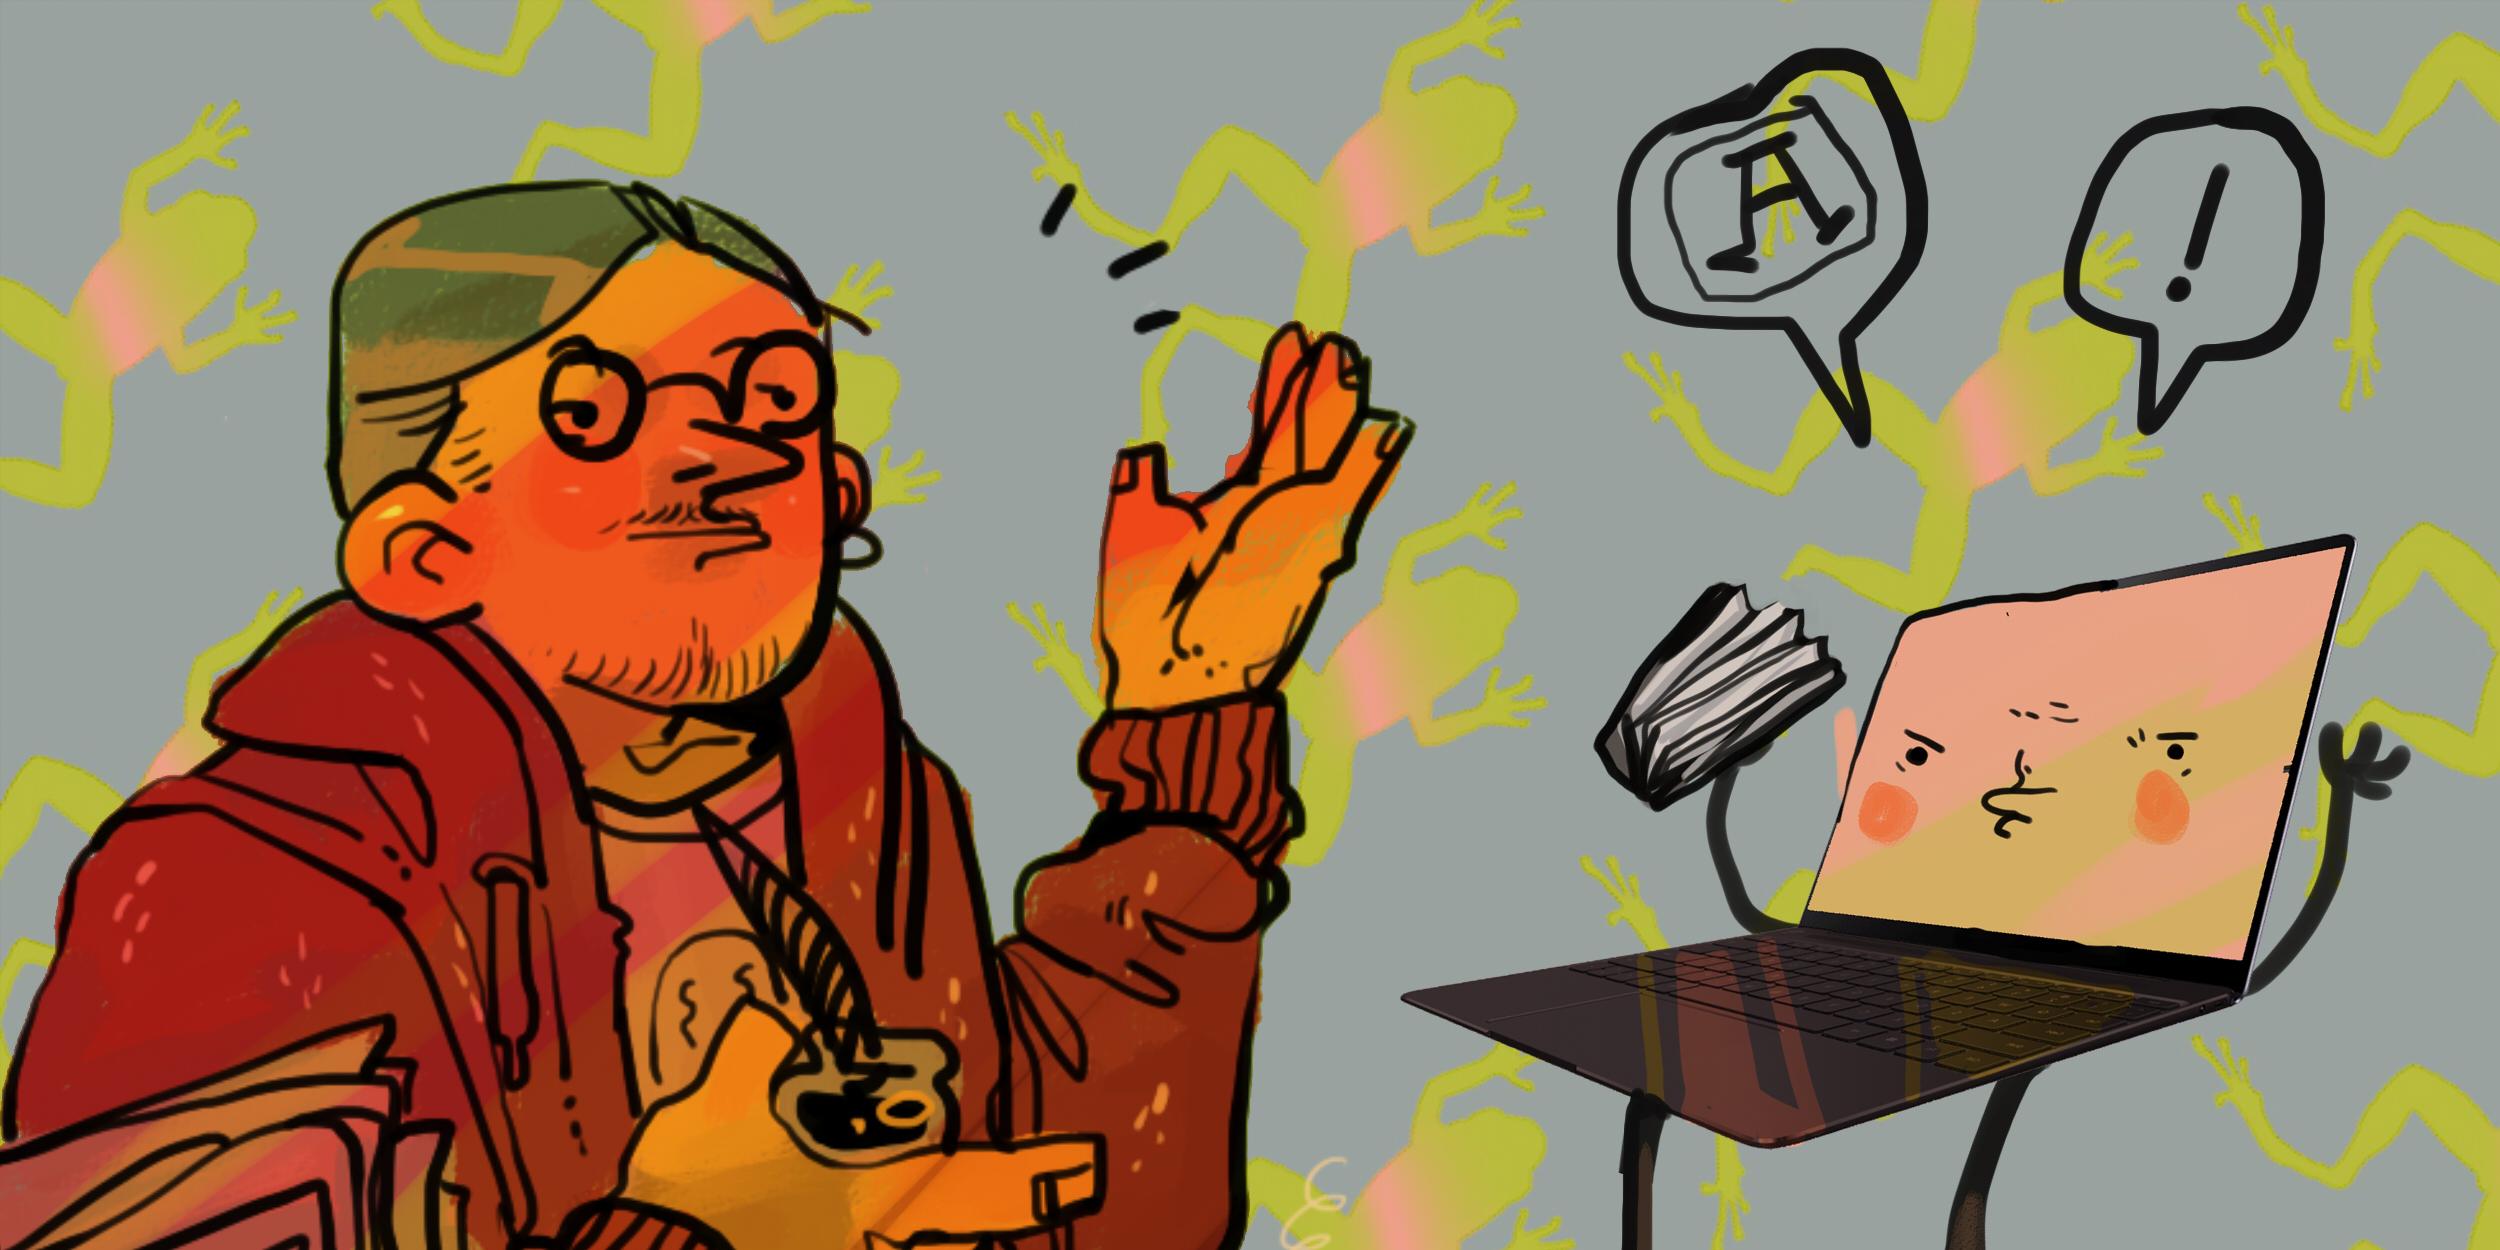 ТЕСТ: Великий поэт или нейросеть? Определите, кому принадлежит текст